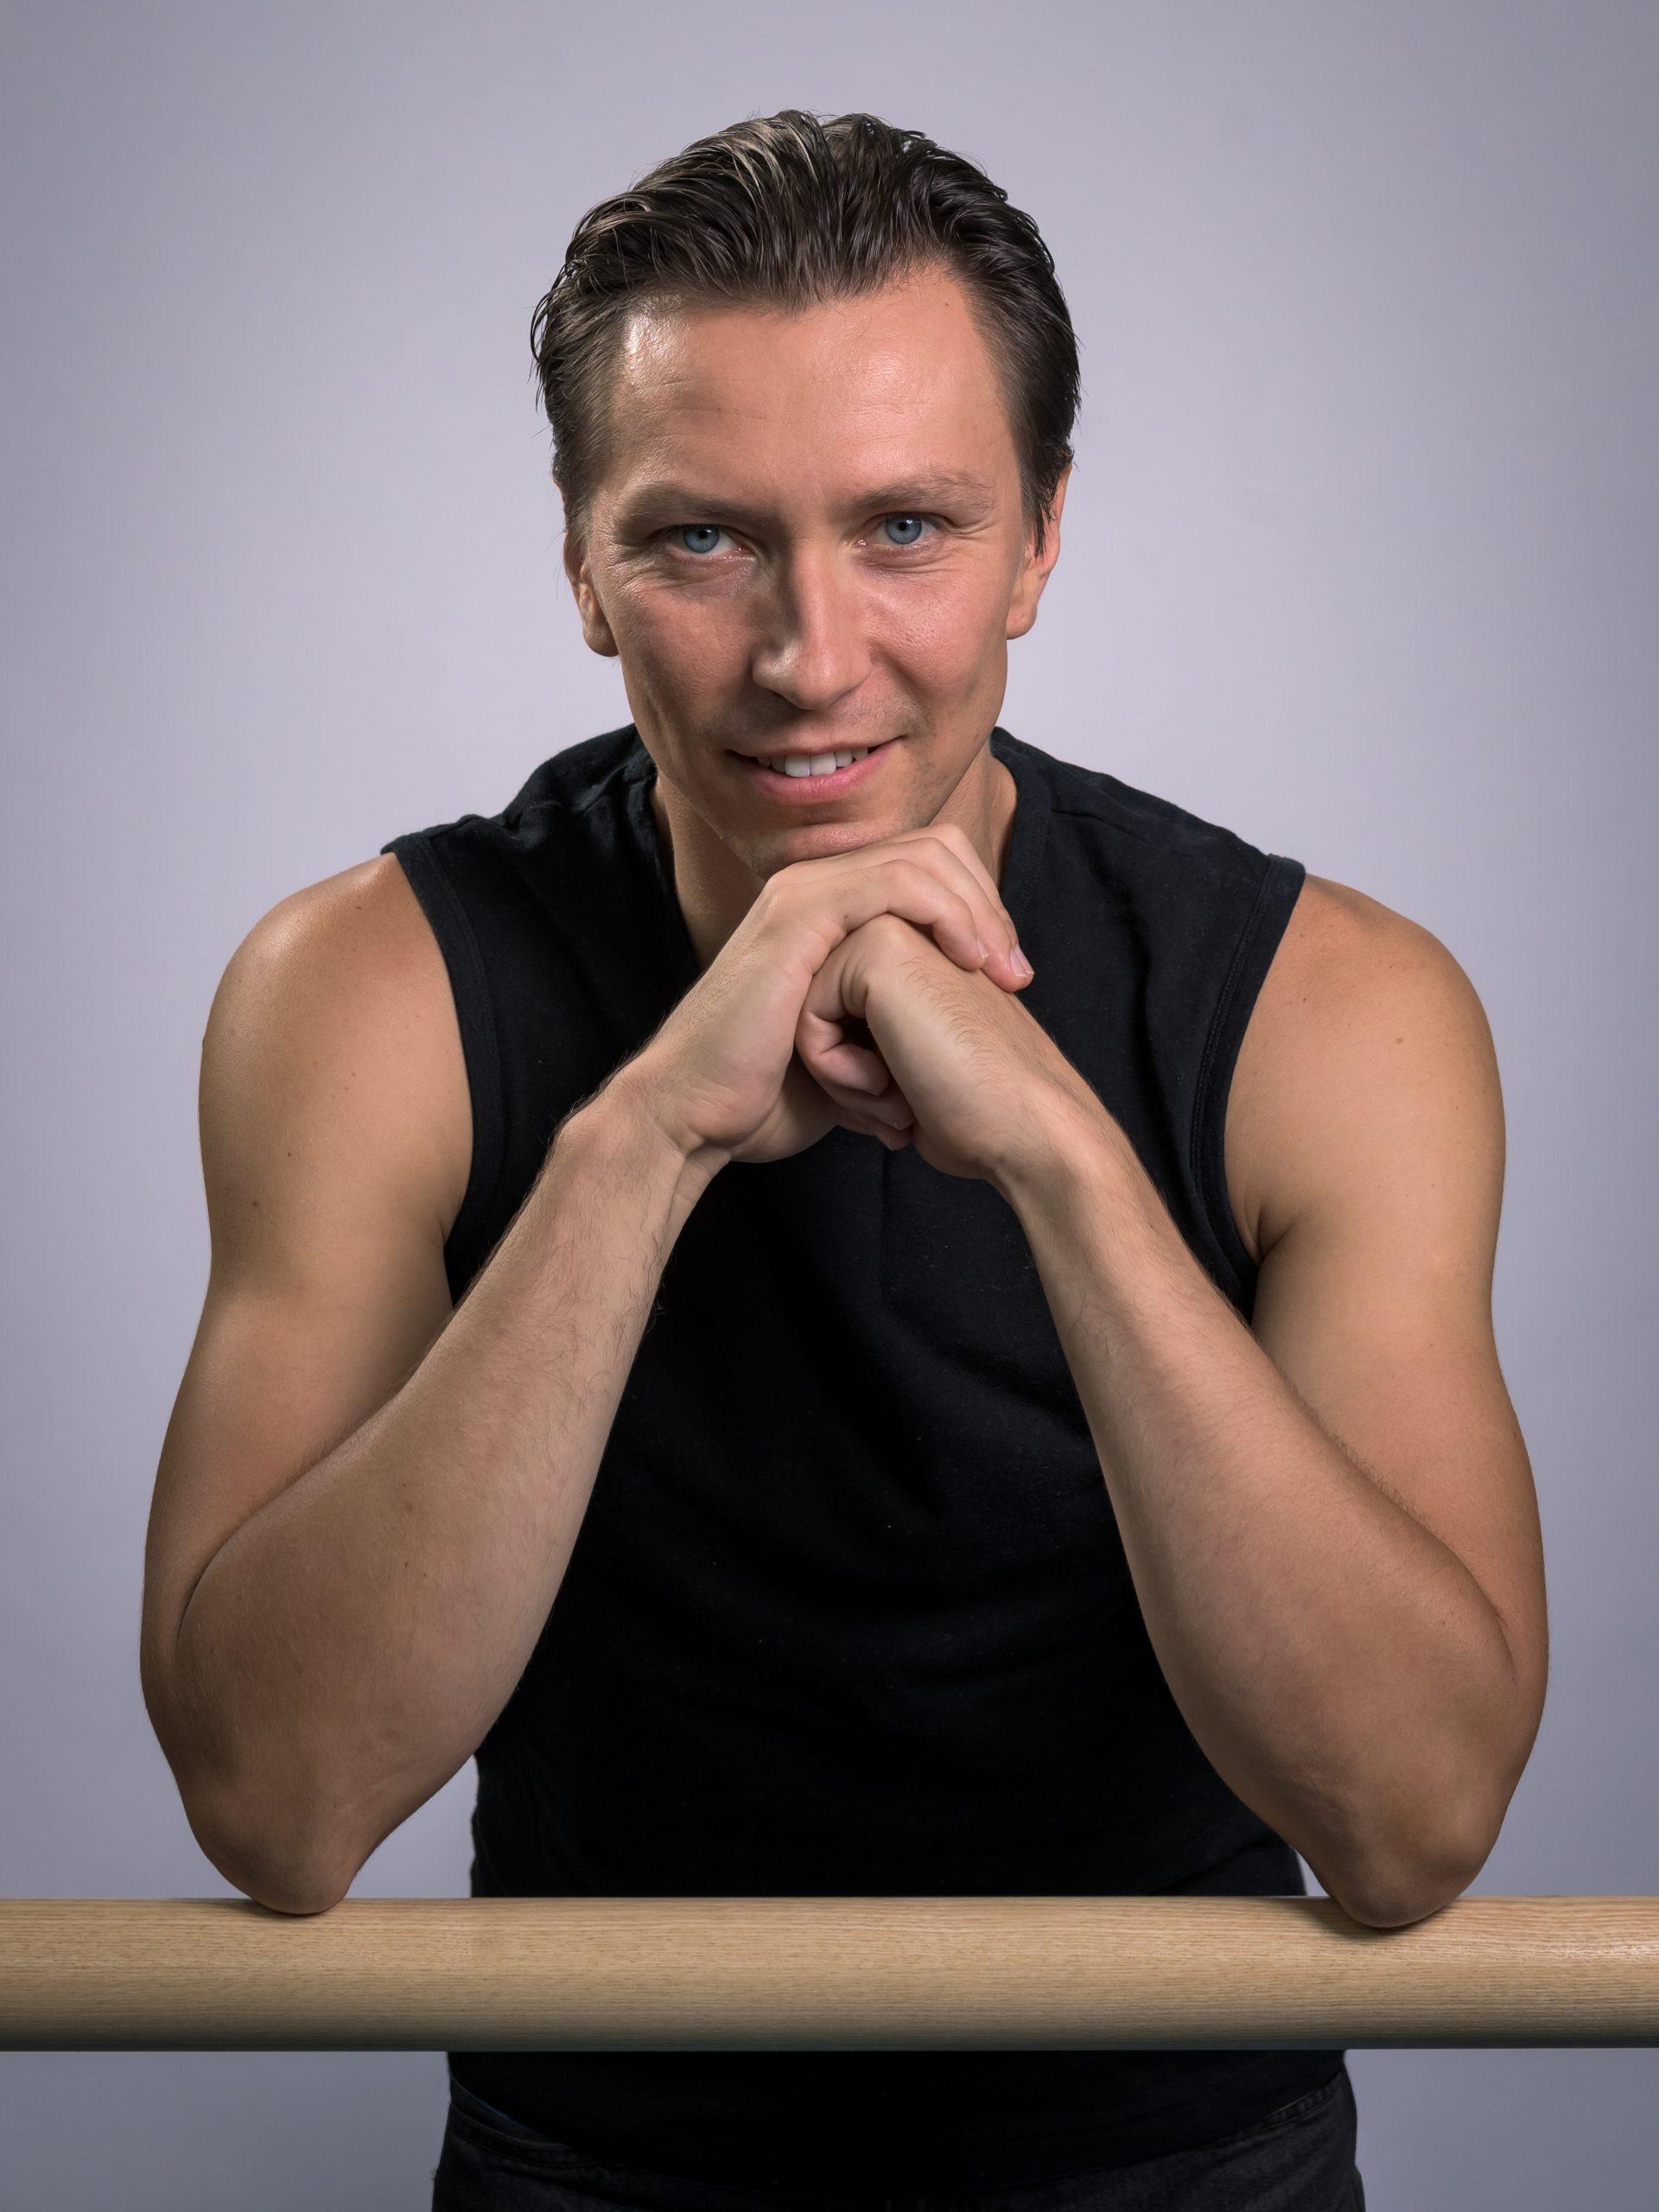 Uladzimir Ivanou